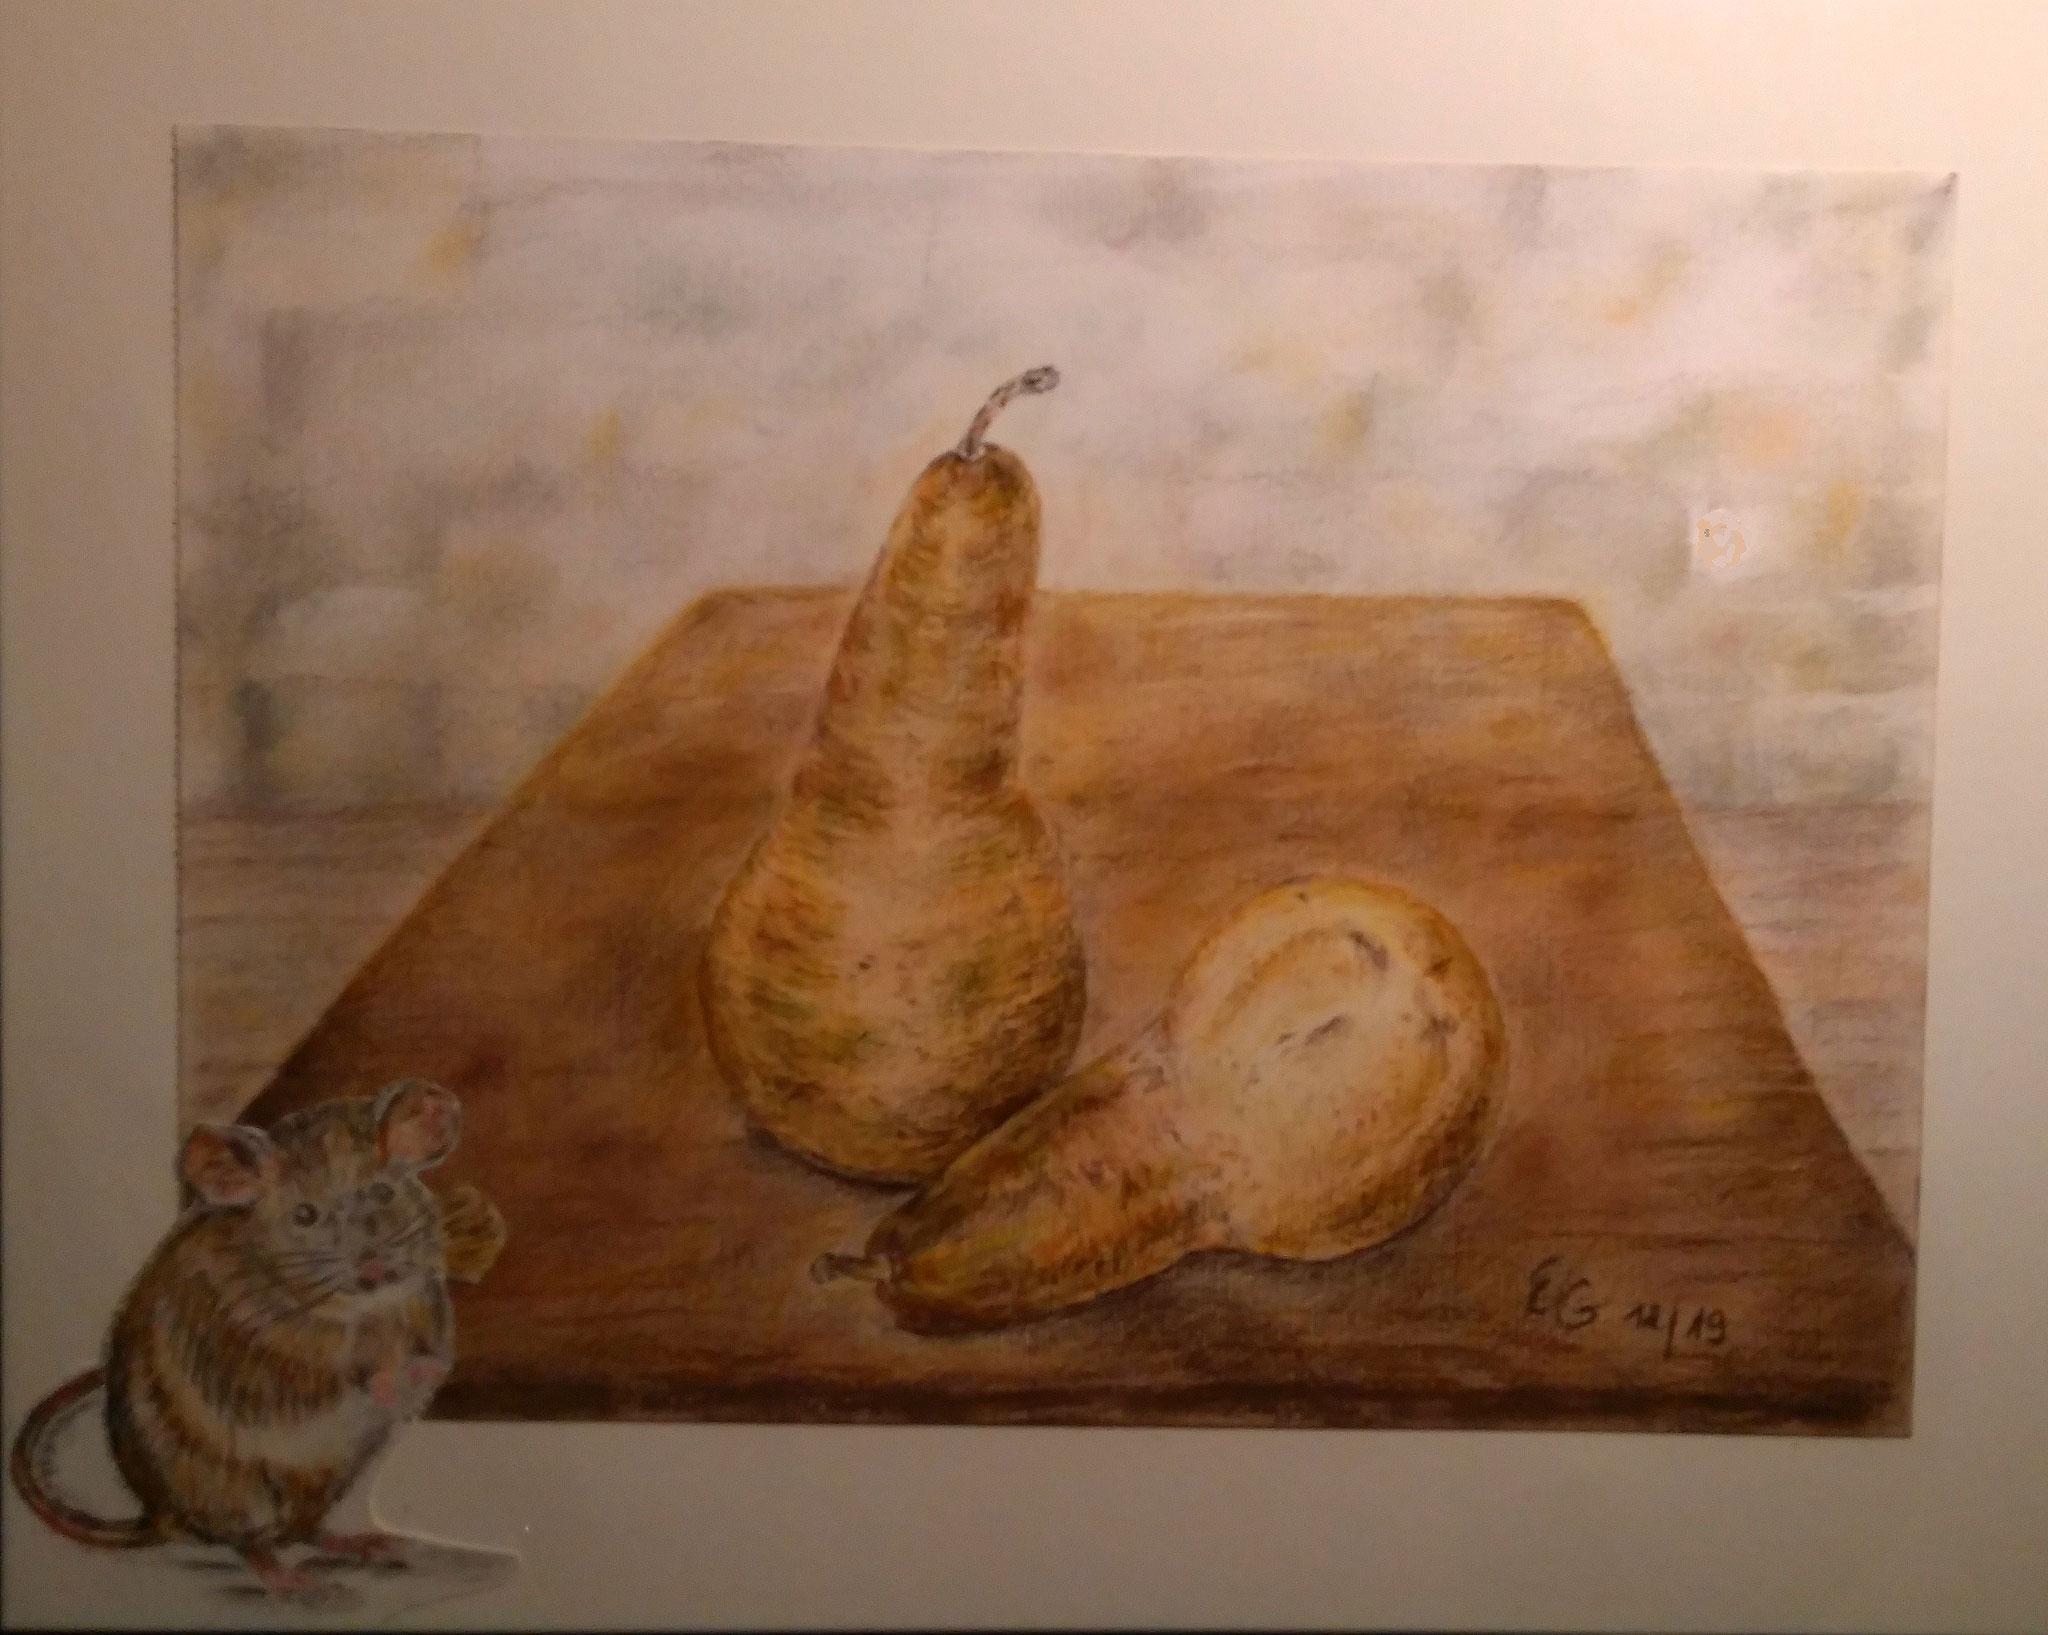 Vorfreude, mit Rahmen 40 cm x 50 cm, Farbstift und Pastellkreide auf Papier